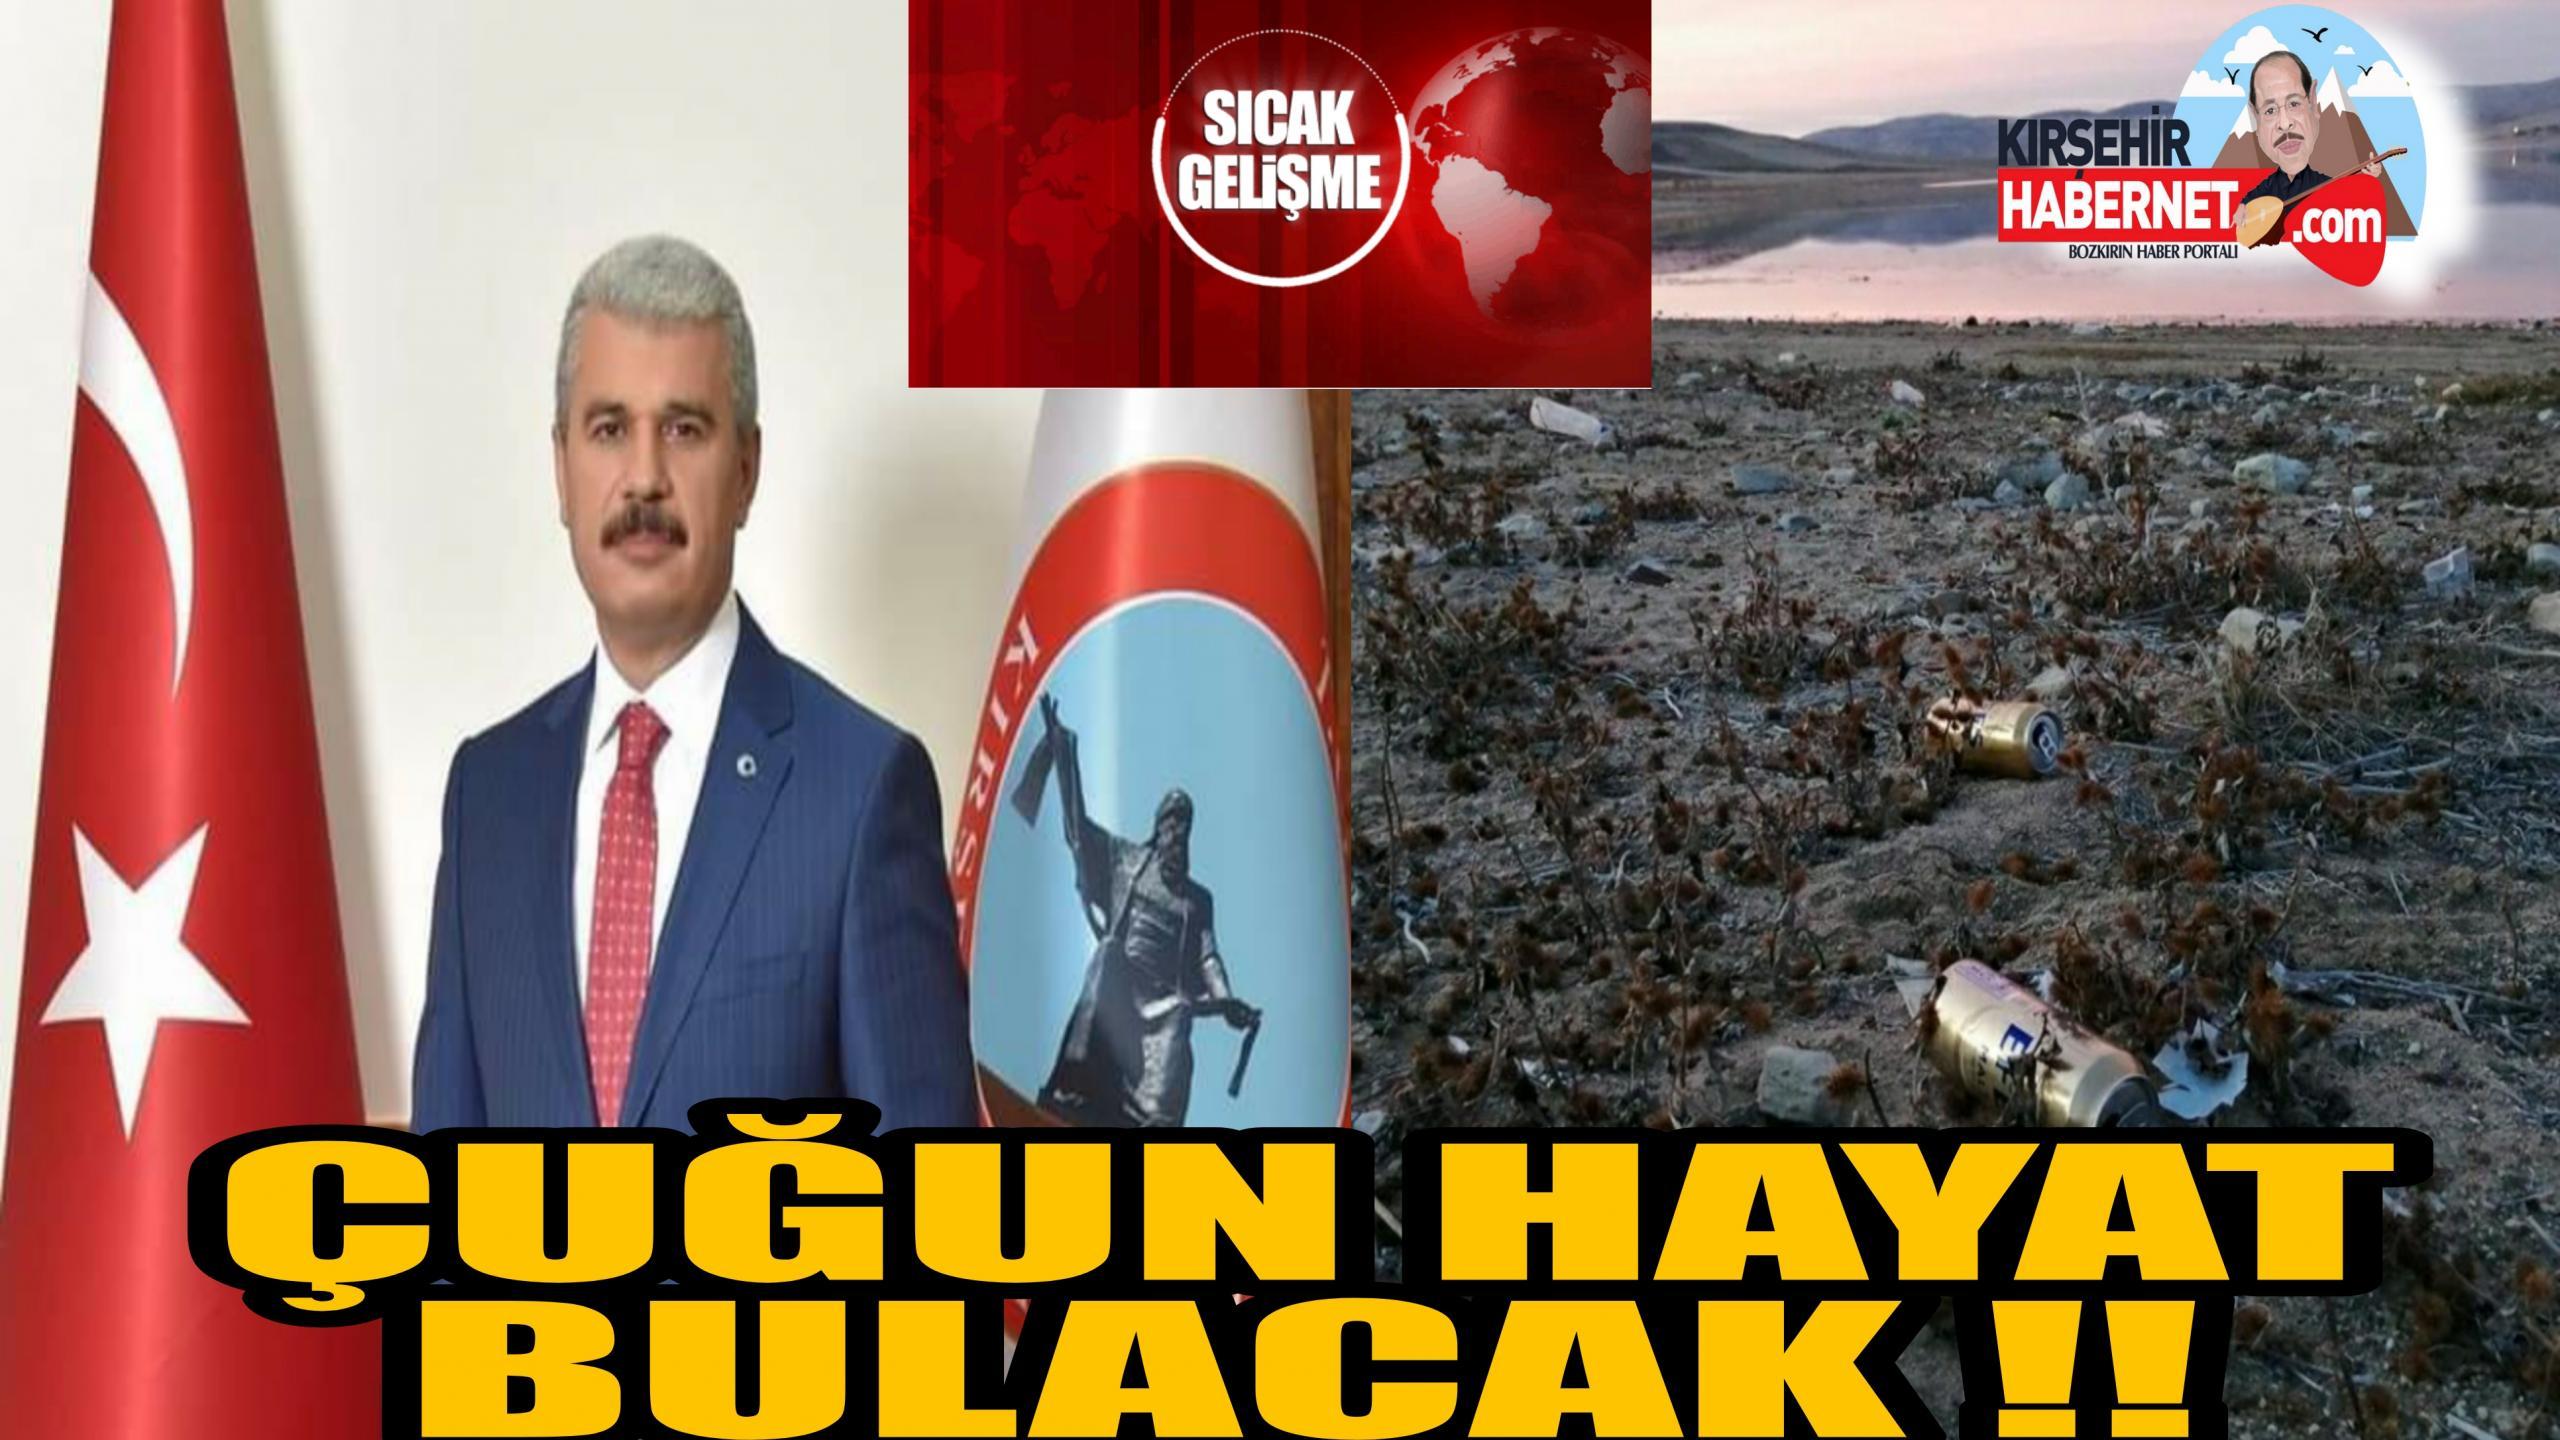 DSİ, ÖZEL İDÂRE ve JANDARMA' ya TALİMAT VERDİ !!